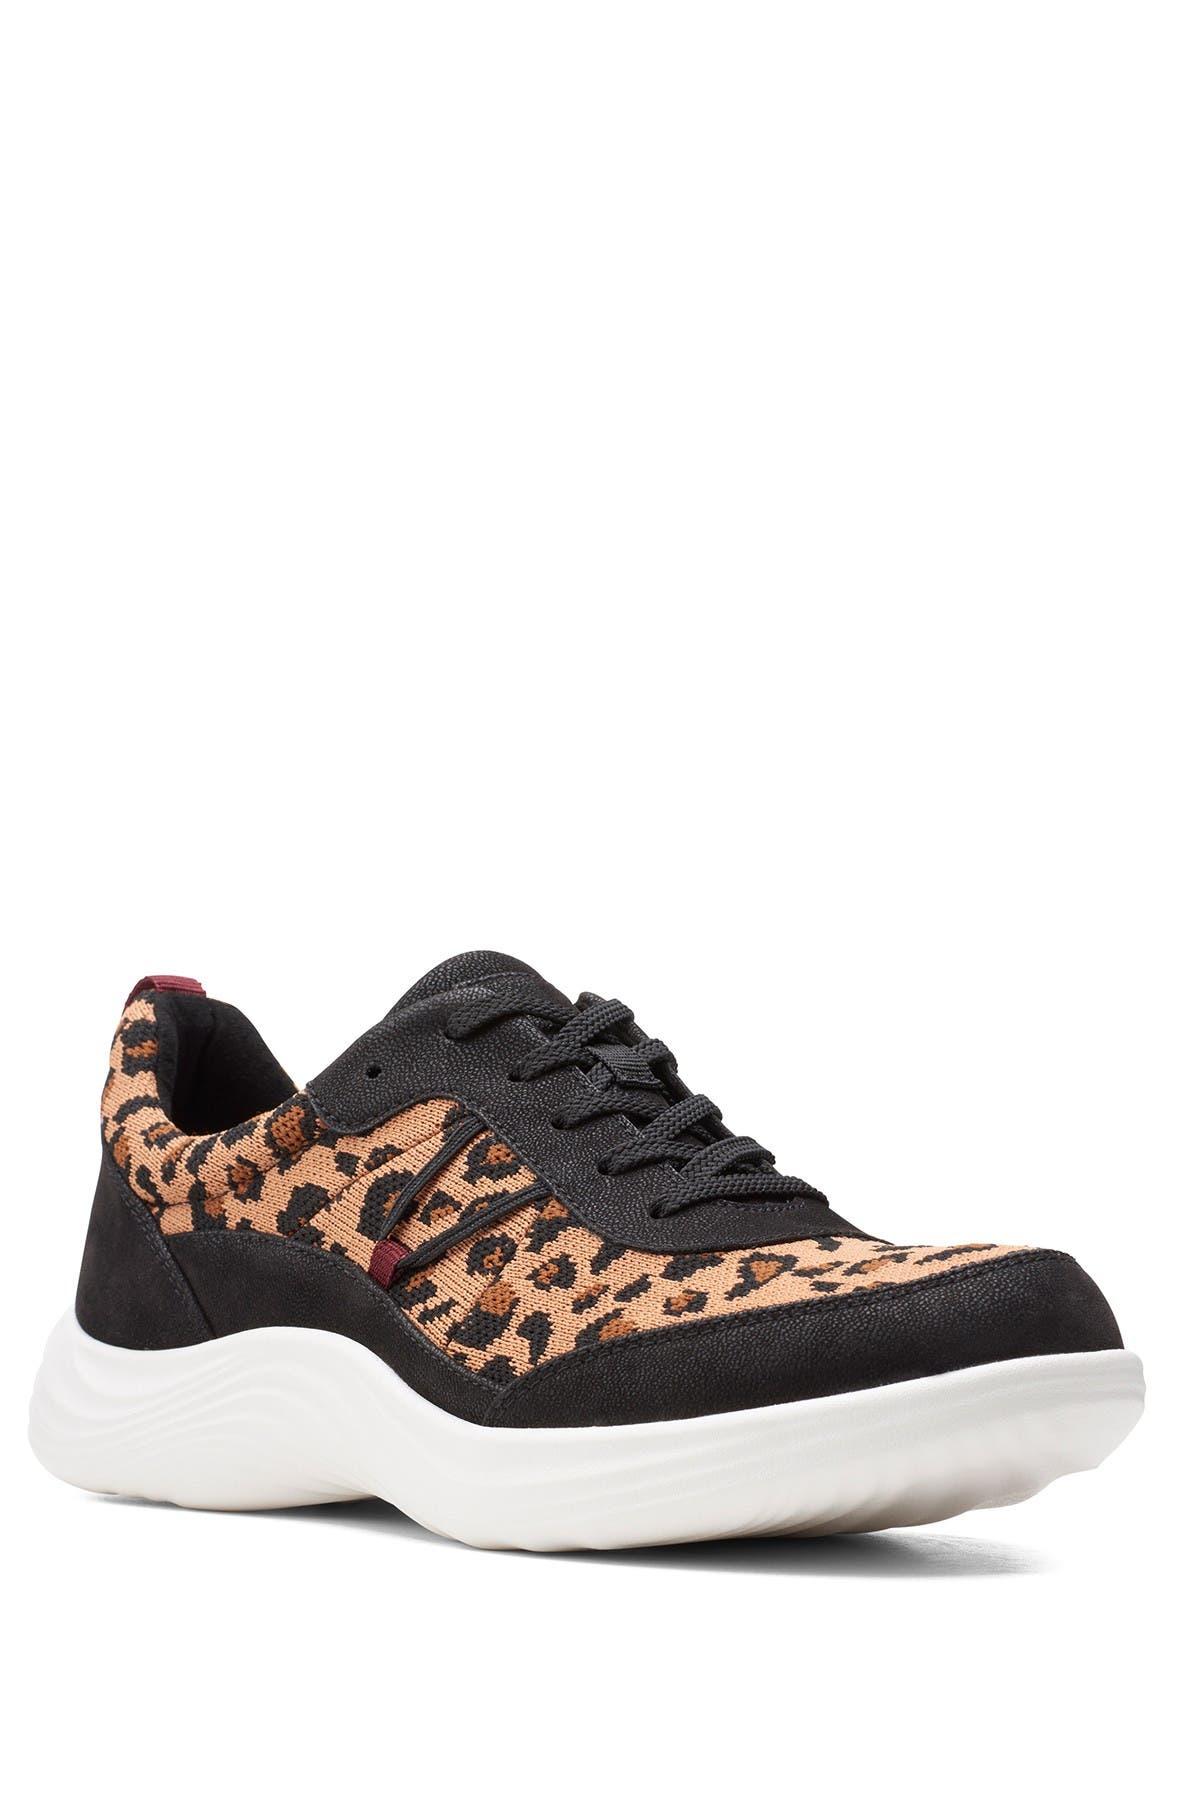 Image of Clarks Lulu Leopard Print Walking Shoe